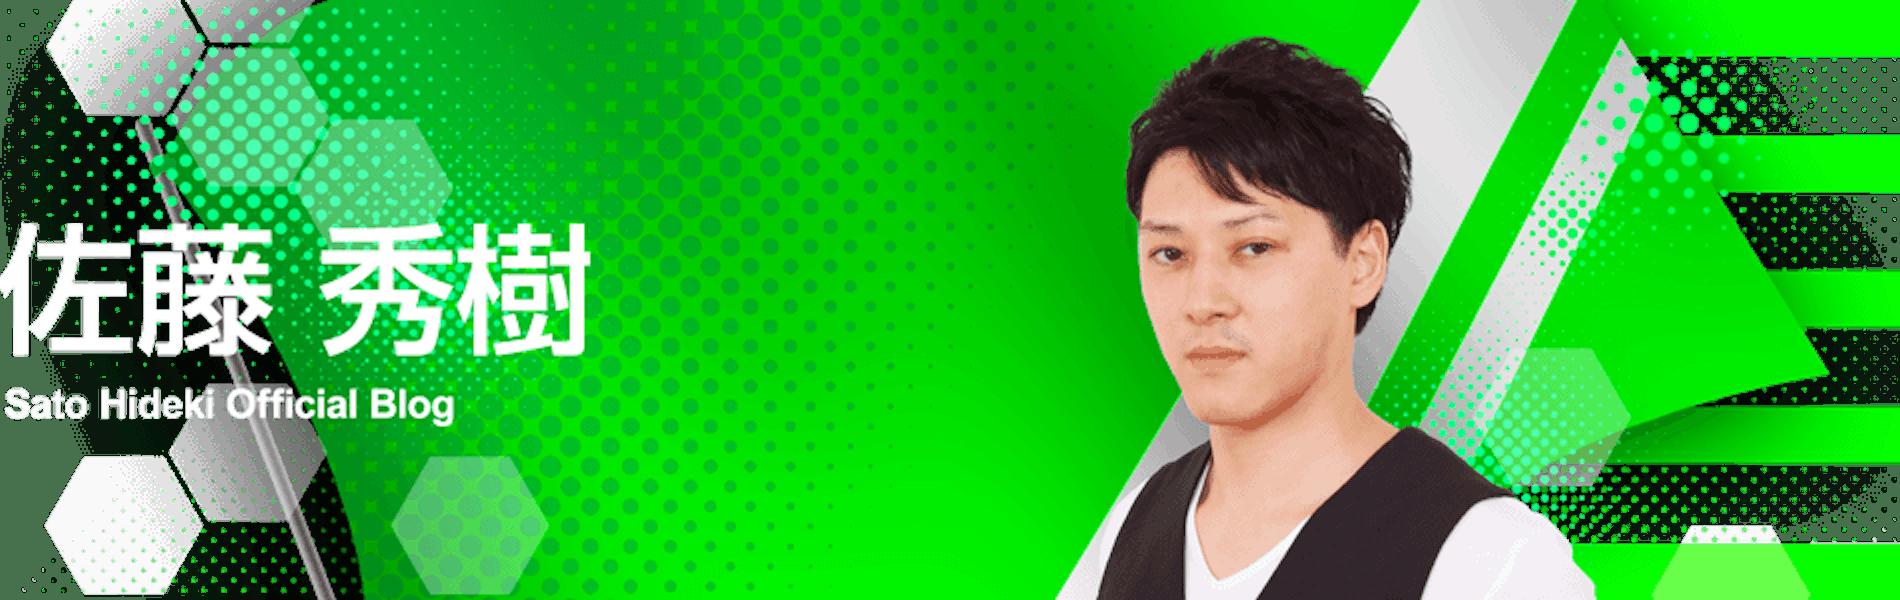 佐藤秀樹 オフィシャルブログ